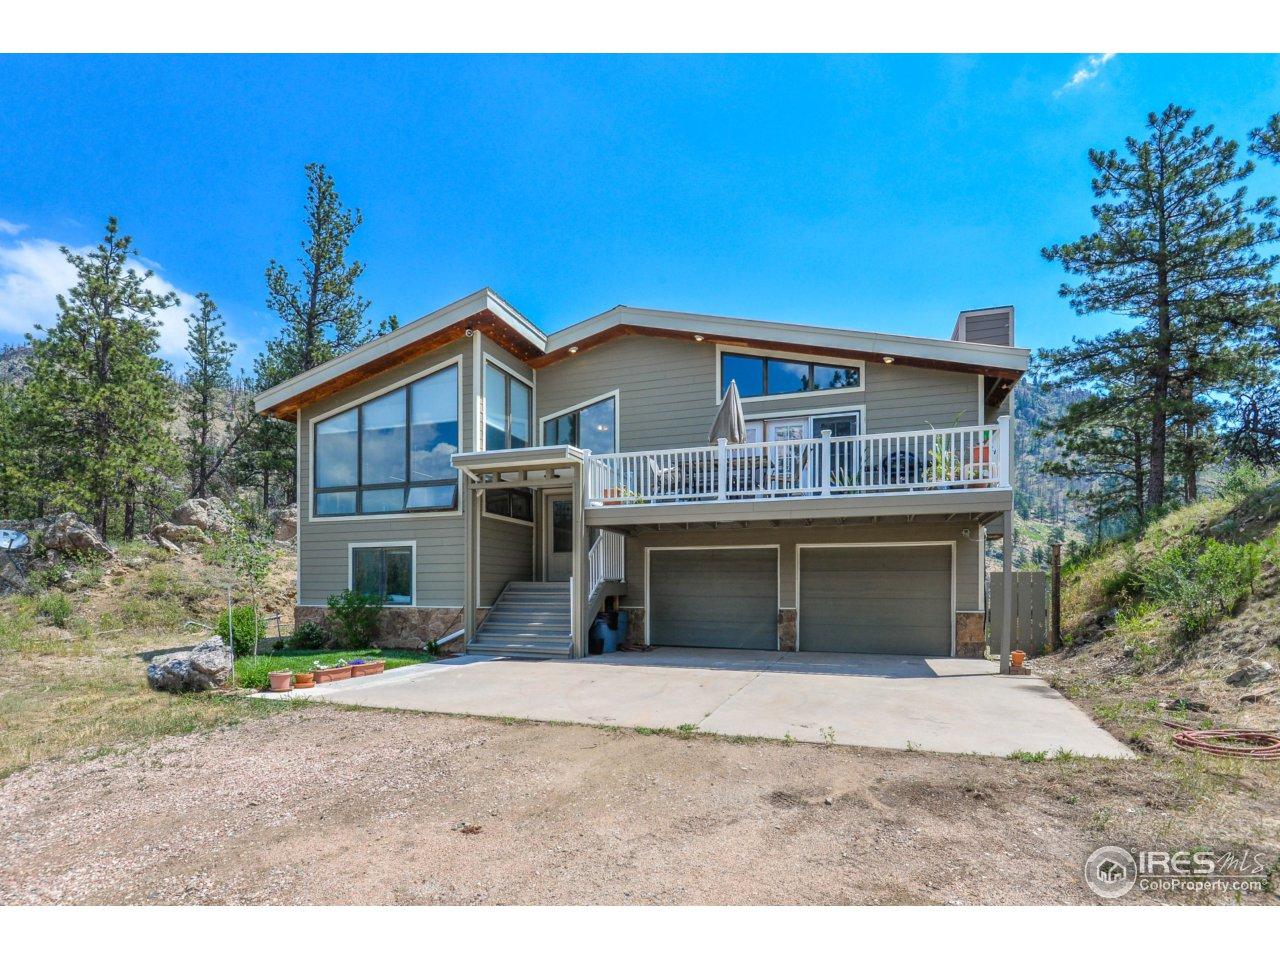 305 Stove Prairie Rd, Bellvue, CO 80512